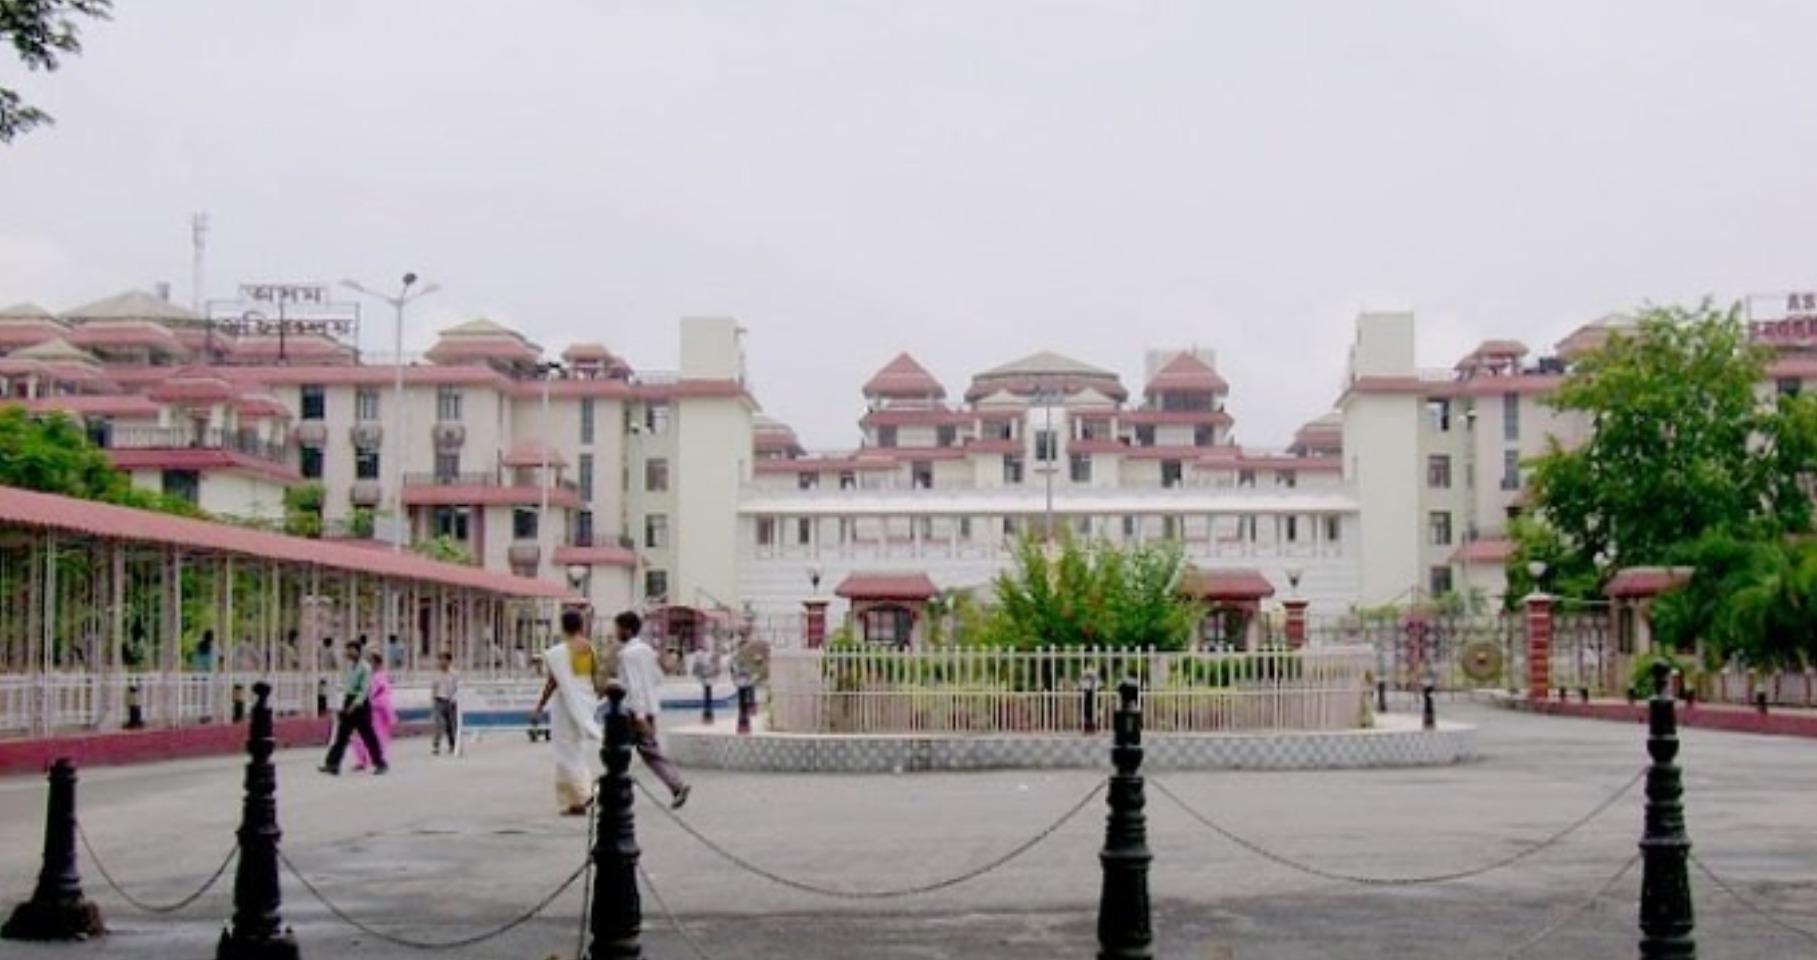 কলেজ অধ্যক্ষ বাছাইয়ে নতুন নিয়ম নির্ধারণ করলো দিশপুর